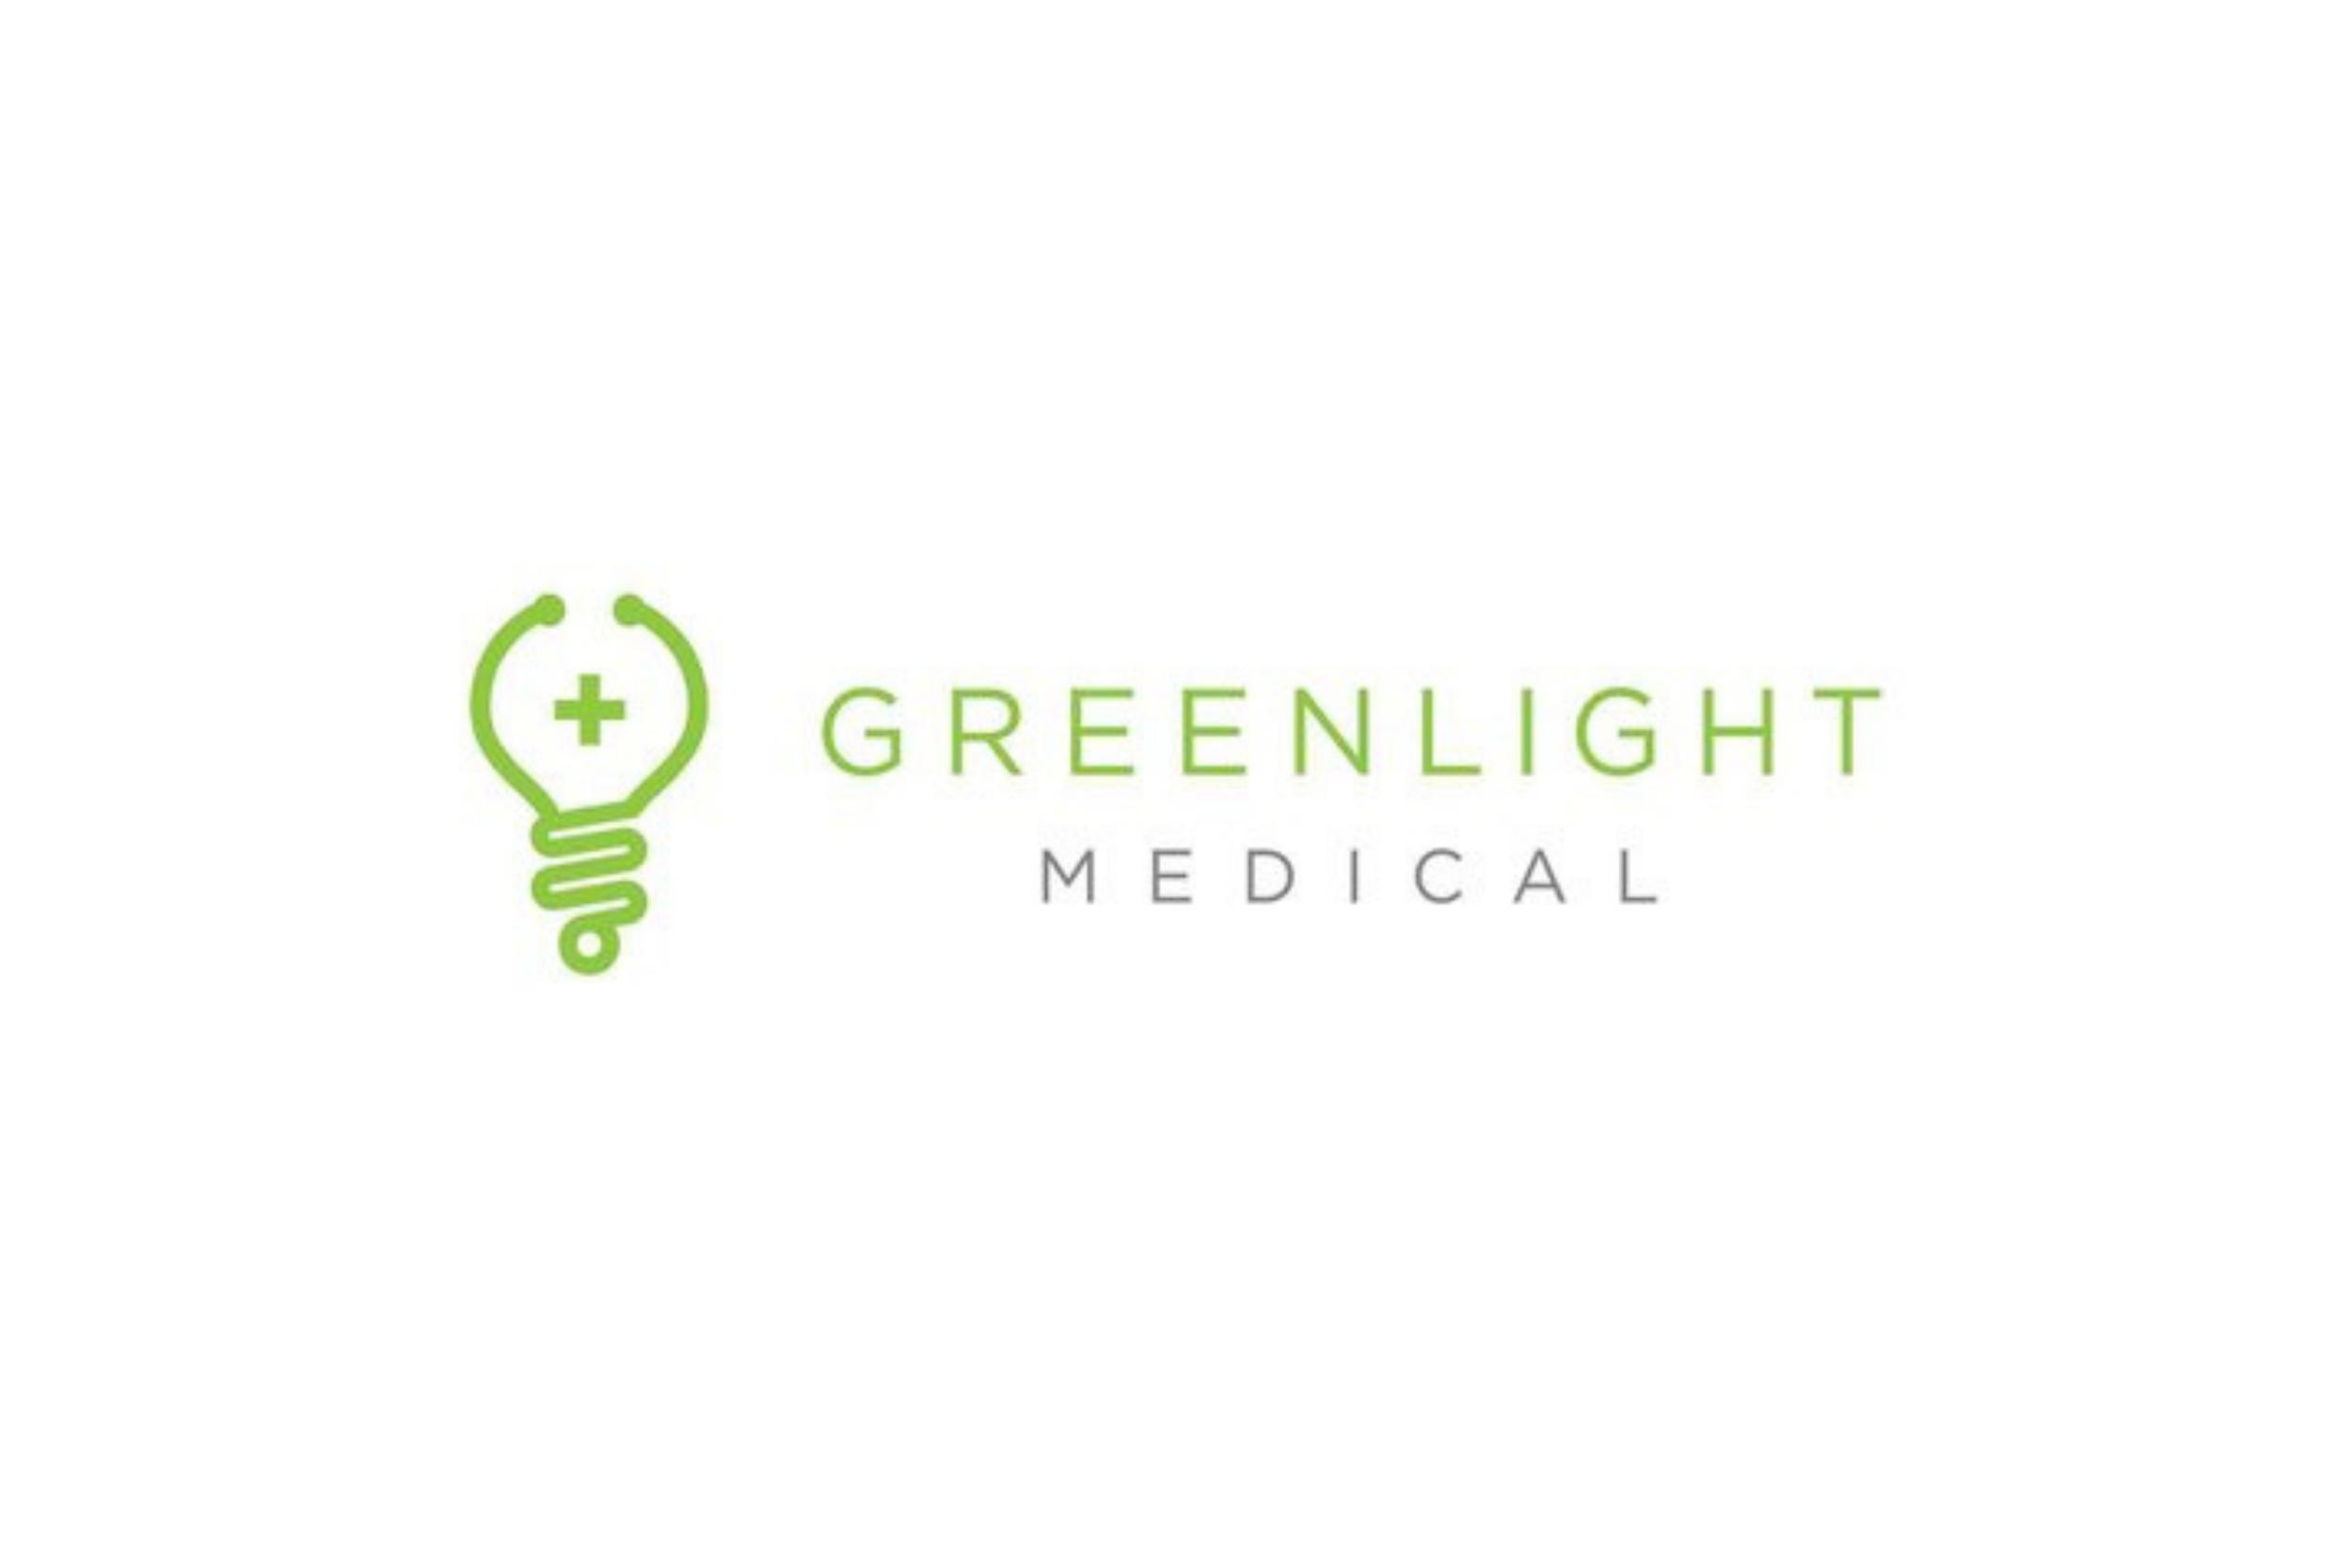 GreenLight Medical  Austin Dirks Nashville, TN